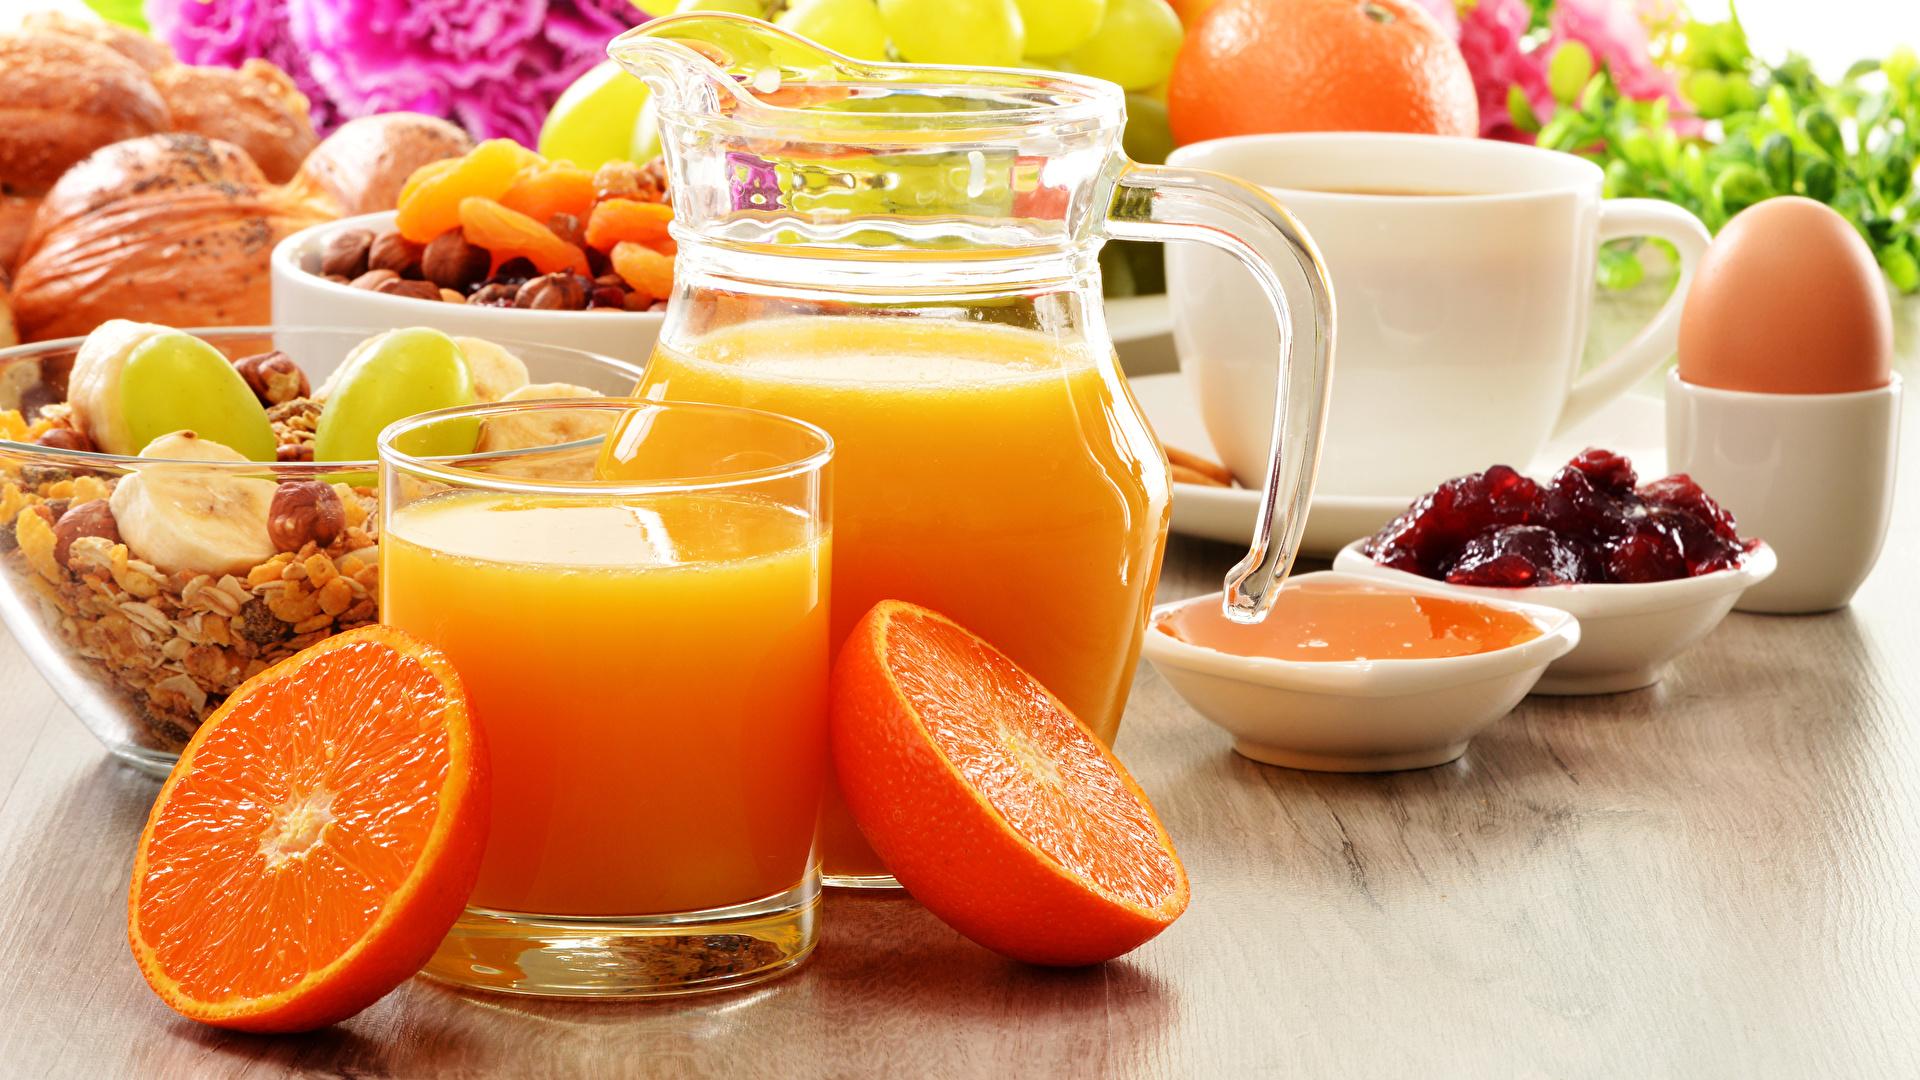 Фотографии яйцами Сок Апельсин Кувшин стакана Продукты питания Напитки 1920x1080 яиц Яйца яйцо Стакан кувшины стакане Еда Пища напиток